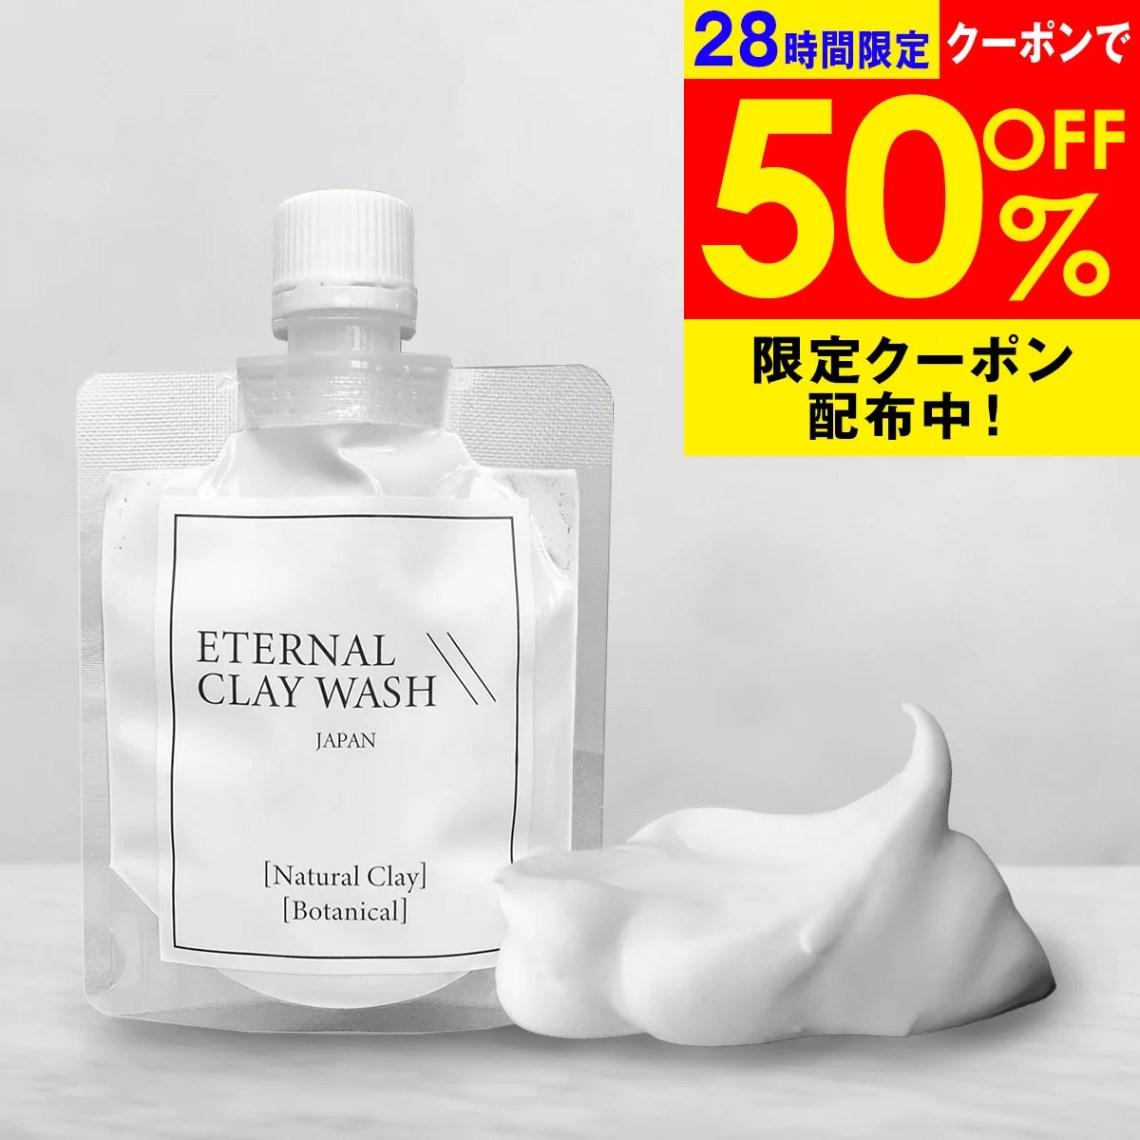 【50%OFF限定クーポン配布中】 洗顔フォーム 【エターナルクレイウォッシュ】 泥 洗顔 泡洗顔